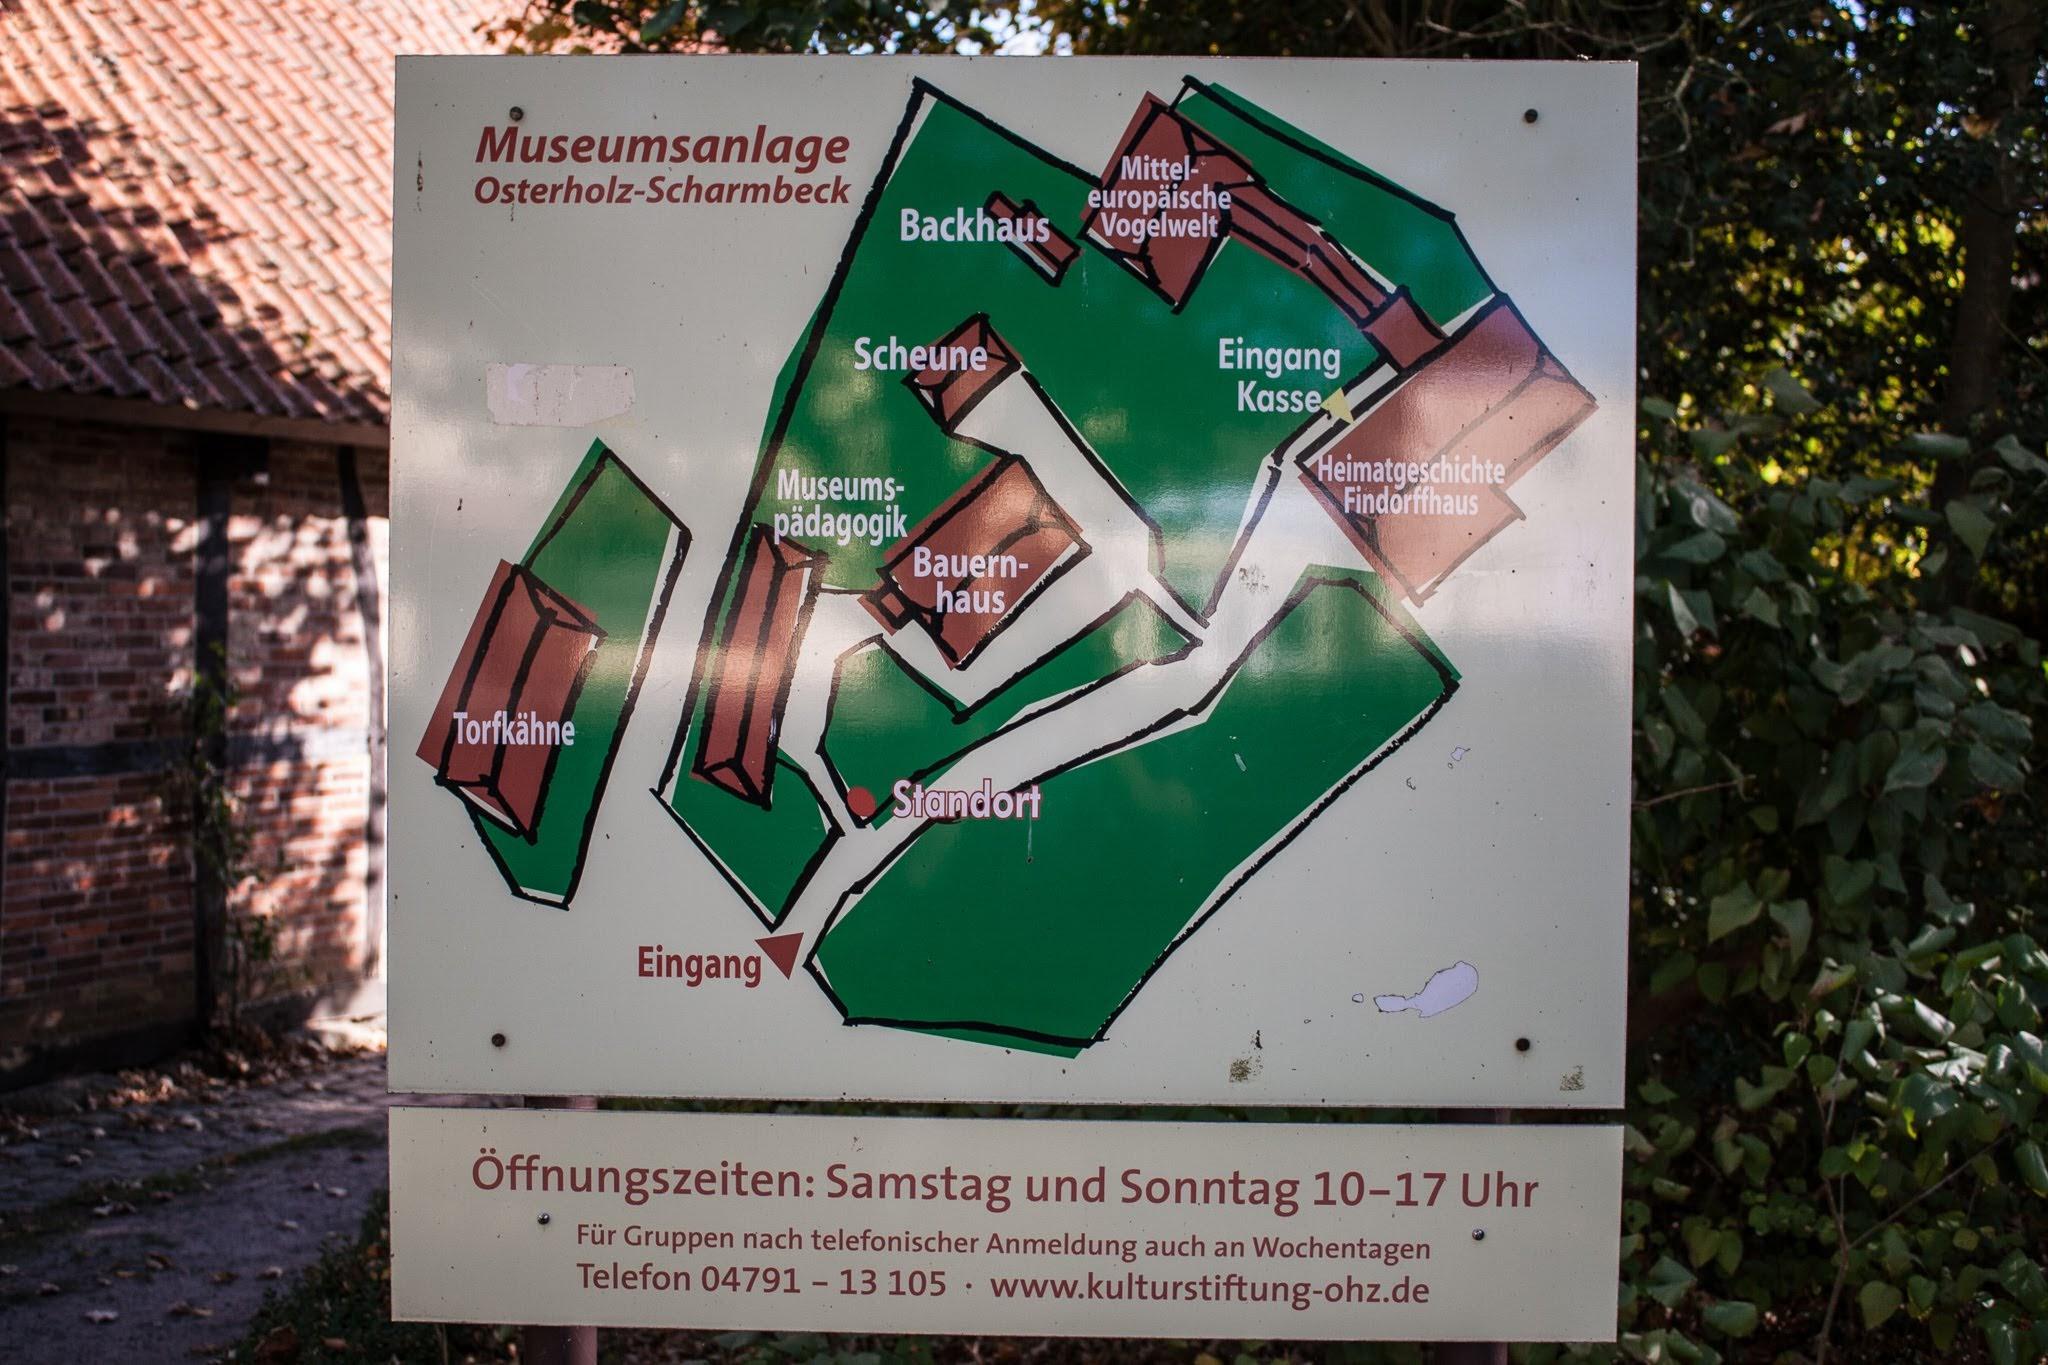 Lageplan Museumsanlage Osterholz-Scharmbeck